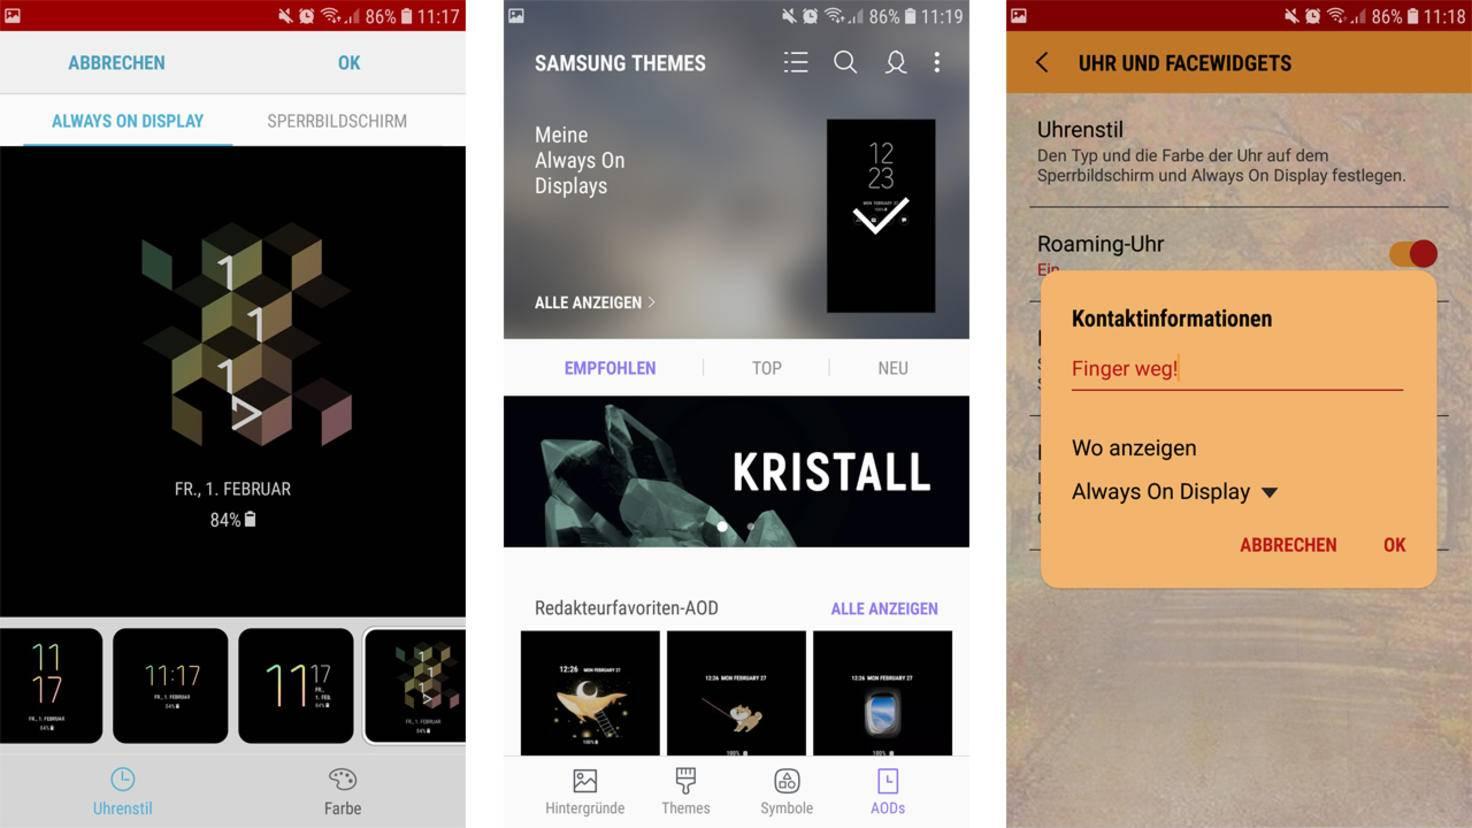 Du kannst auch weitere Designs herunterladen oder persönliche Nachrichten auf den Screen schreiben.